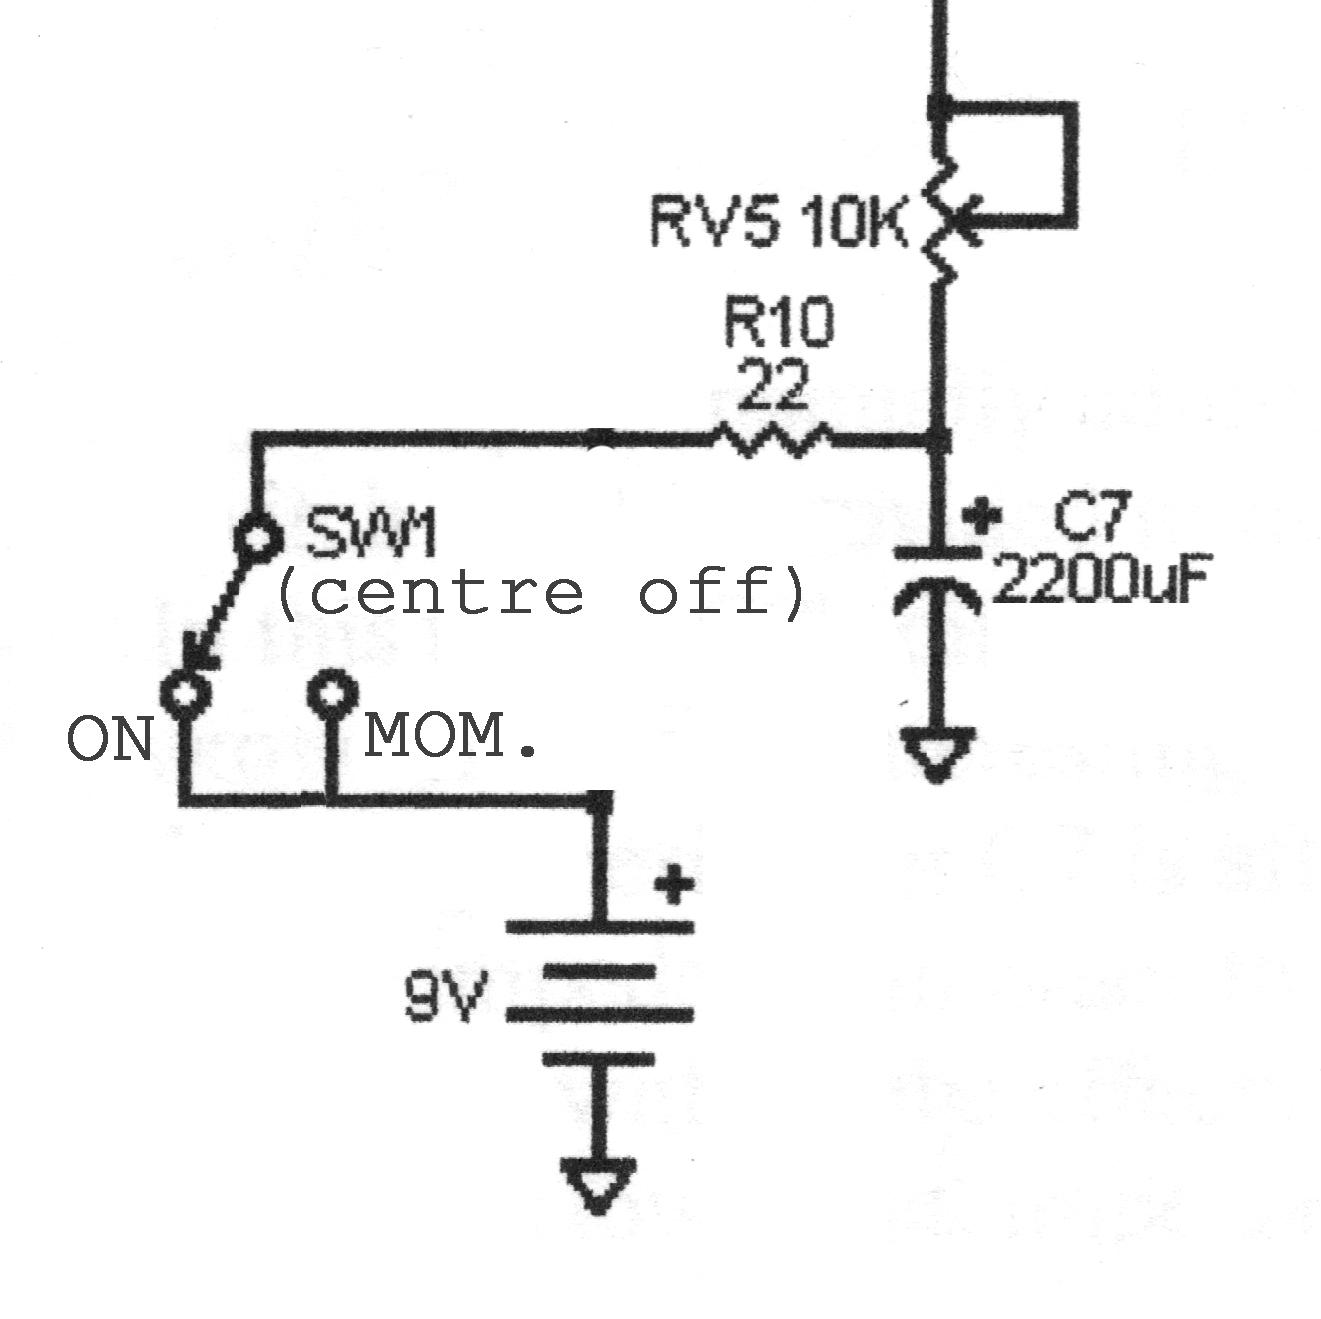 Tel Tac Wiring Diagram. Tel Tach Ii, Tel Tac 2 Troubleshooting, Tel Tel Tac Ii Wiring Diagram on tel tach ii, tel tac 2 troubleshooting, tel tac oval track pro,